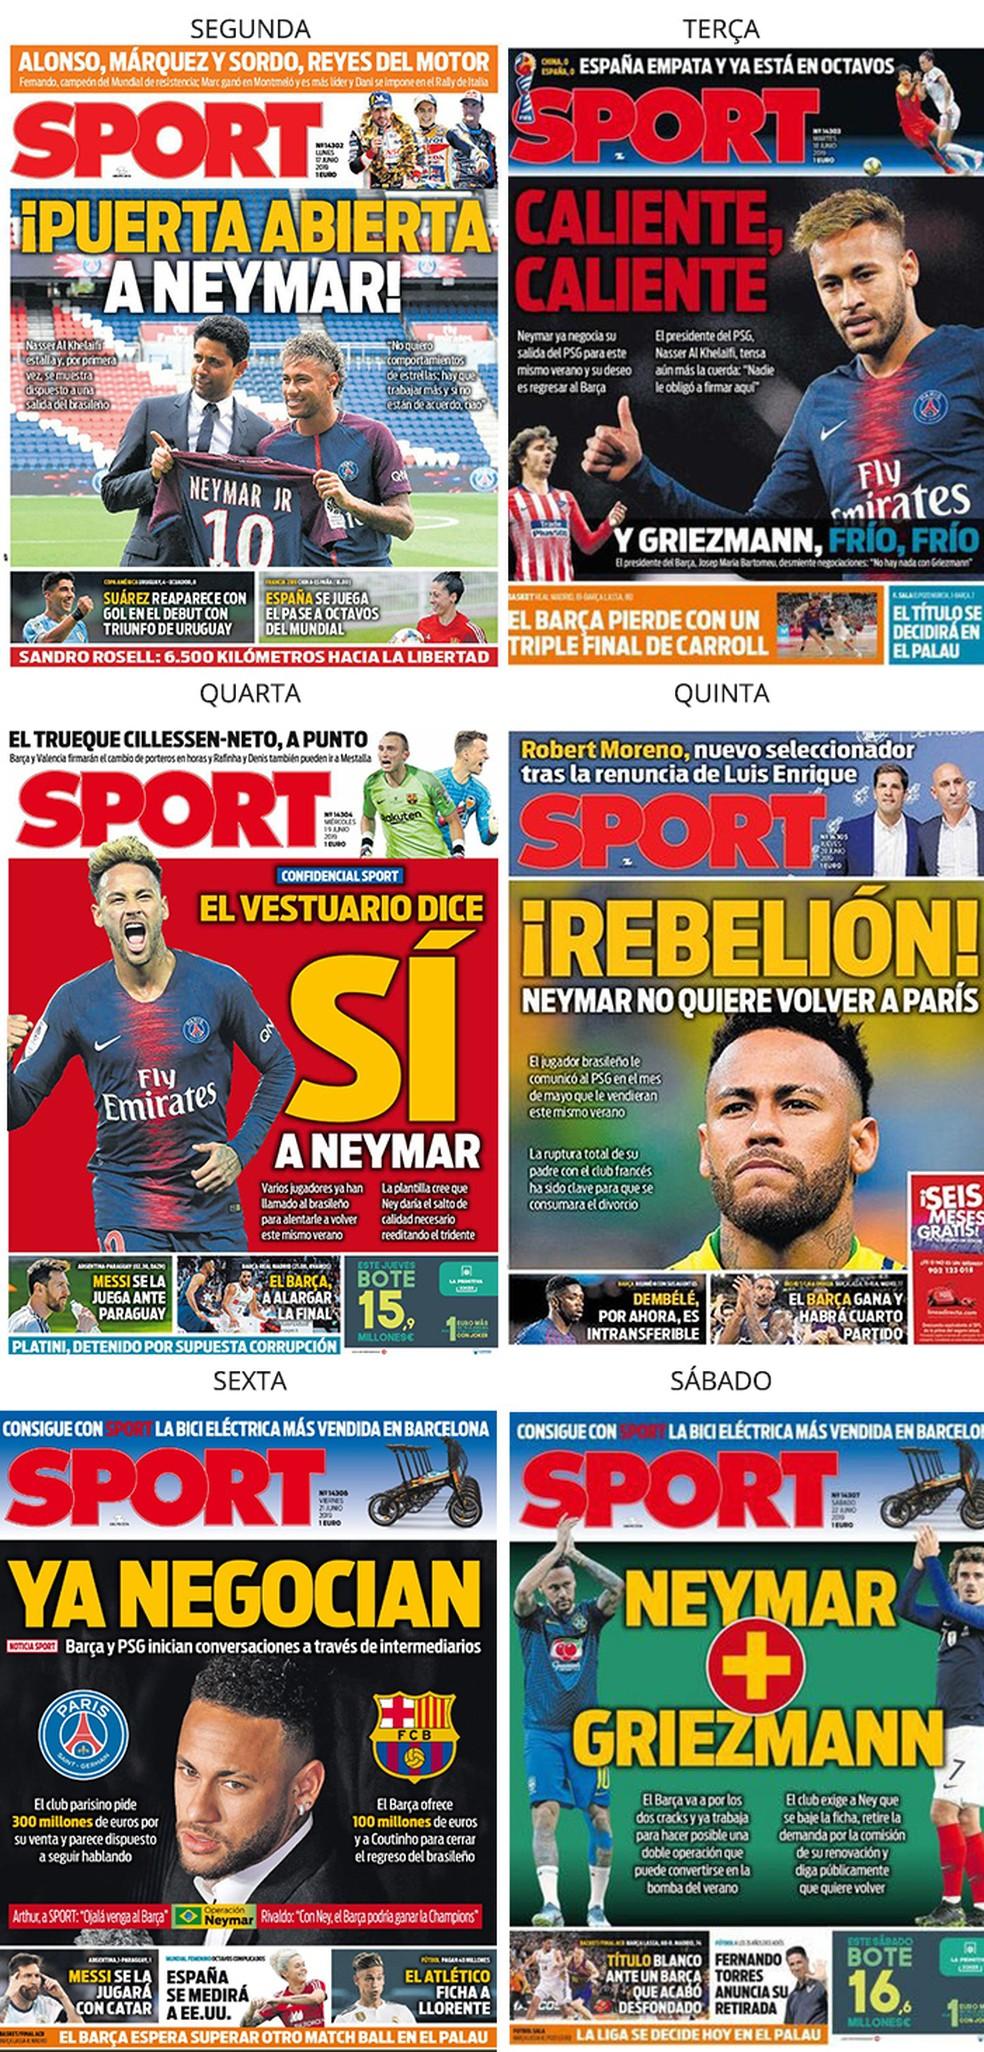 """Semana Neymar no jornal """"Sport"""" — Foto: Reprodução / Sport"""